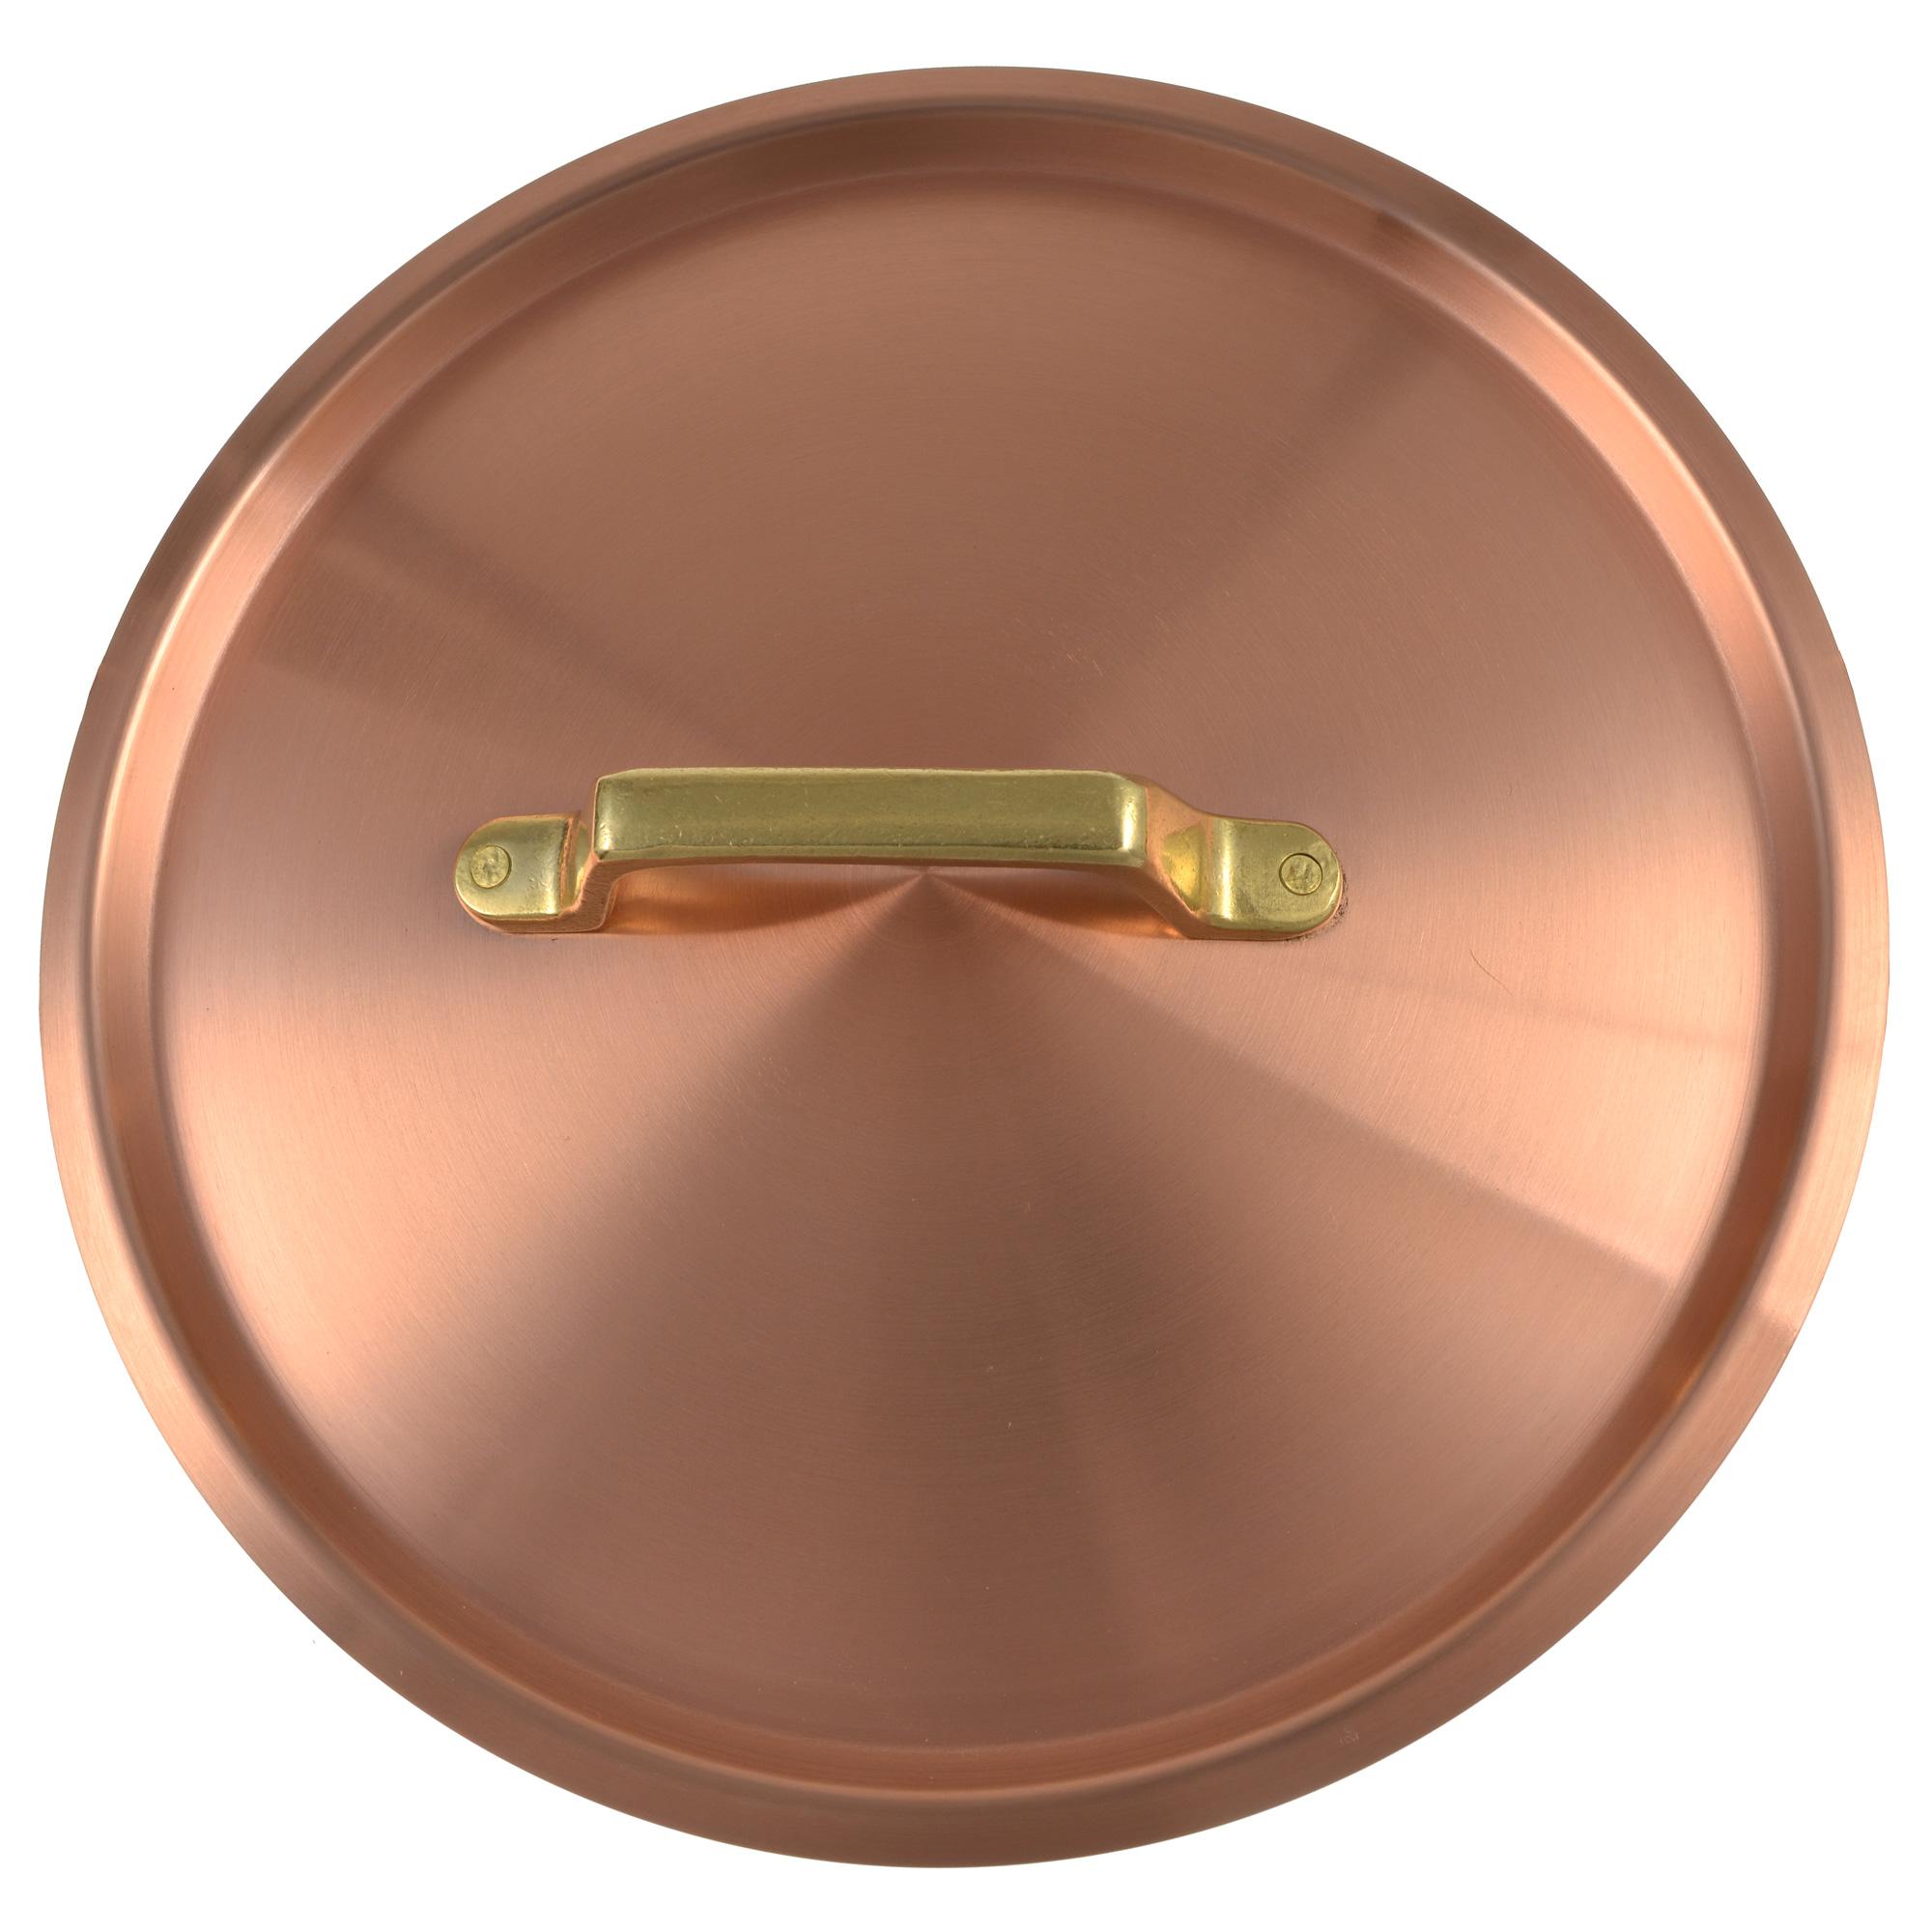 Kupfermanufaktur Kupferdeckel mit Messinggriff 20 cm